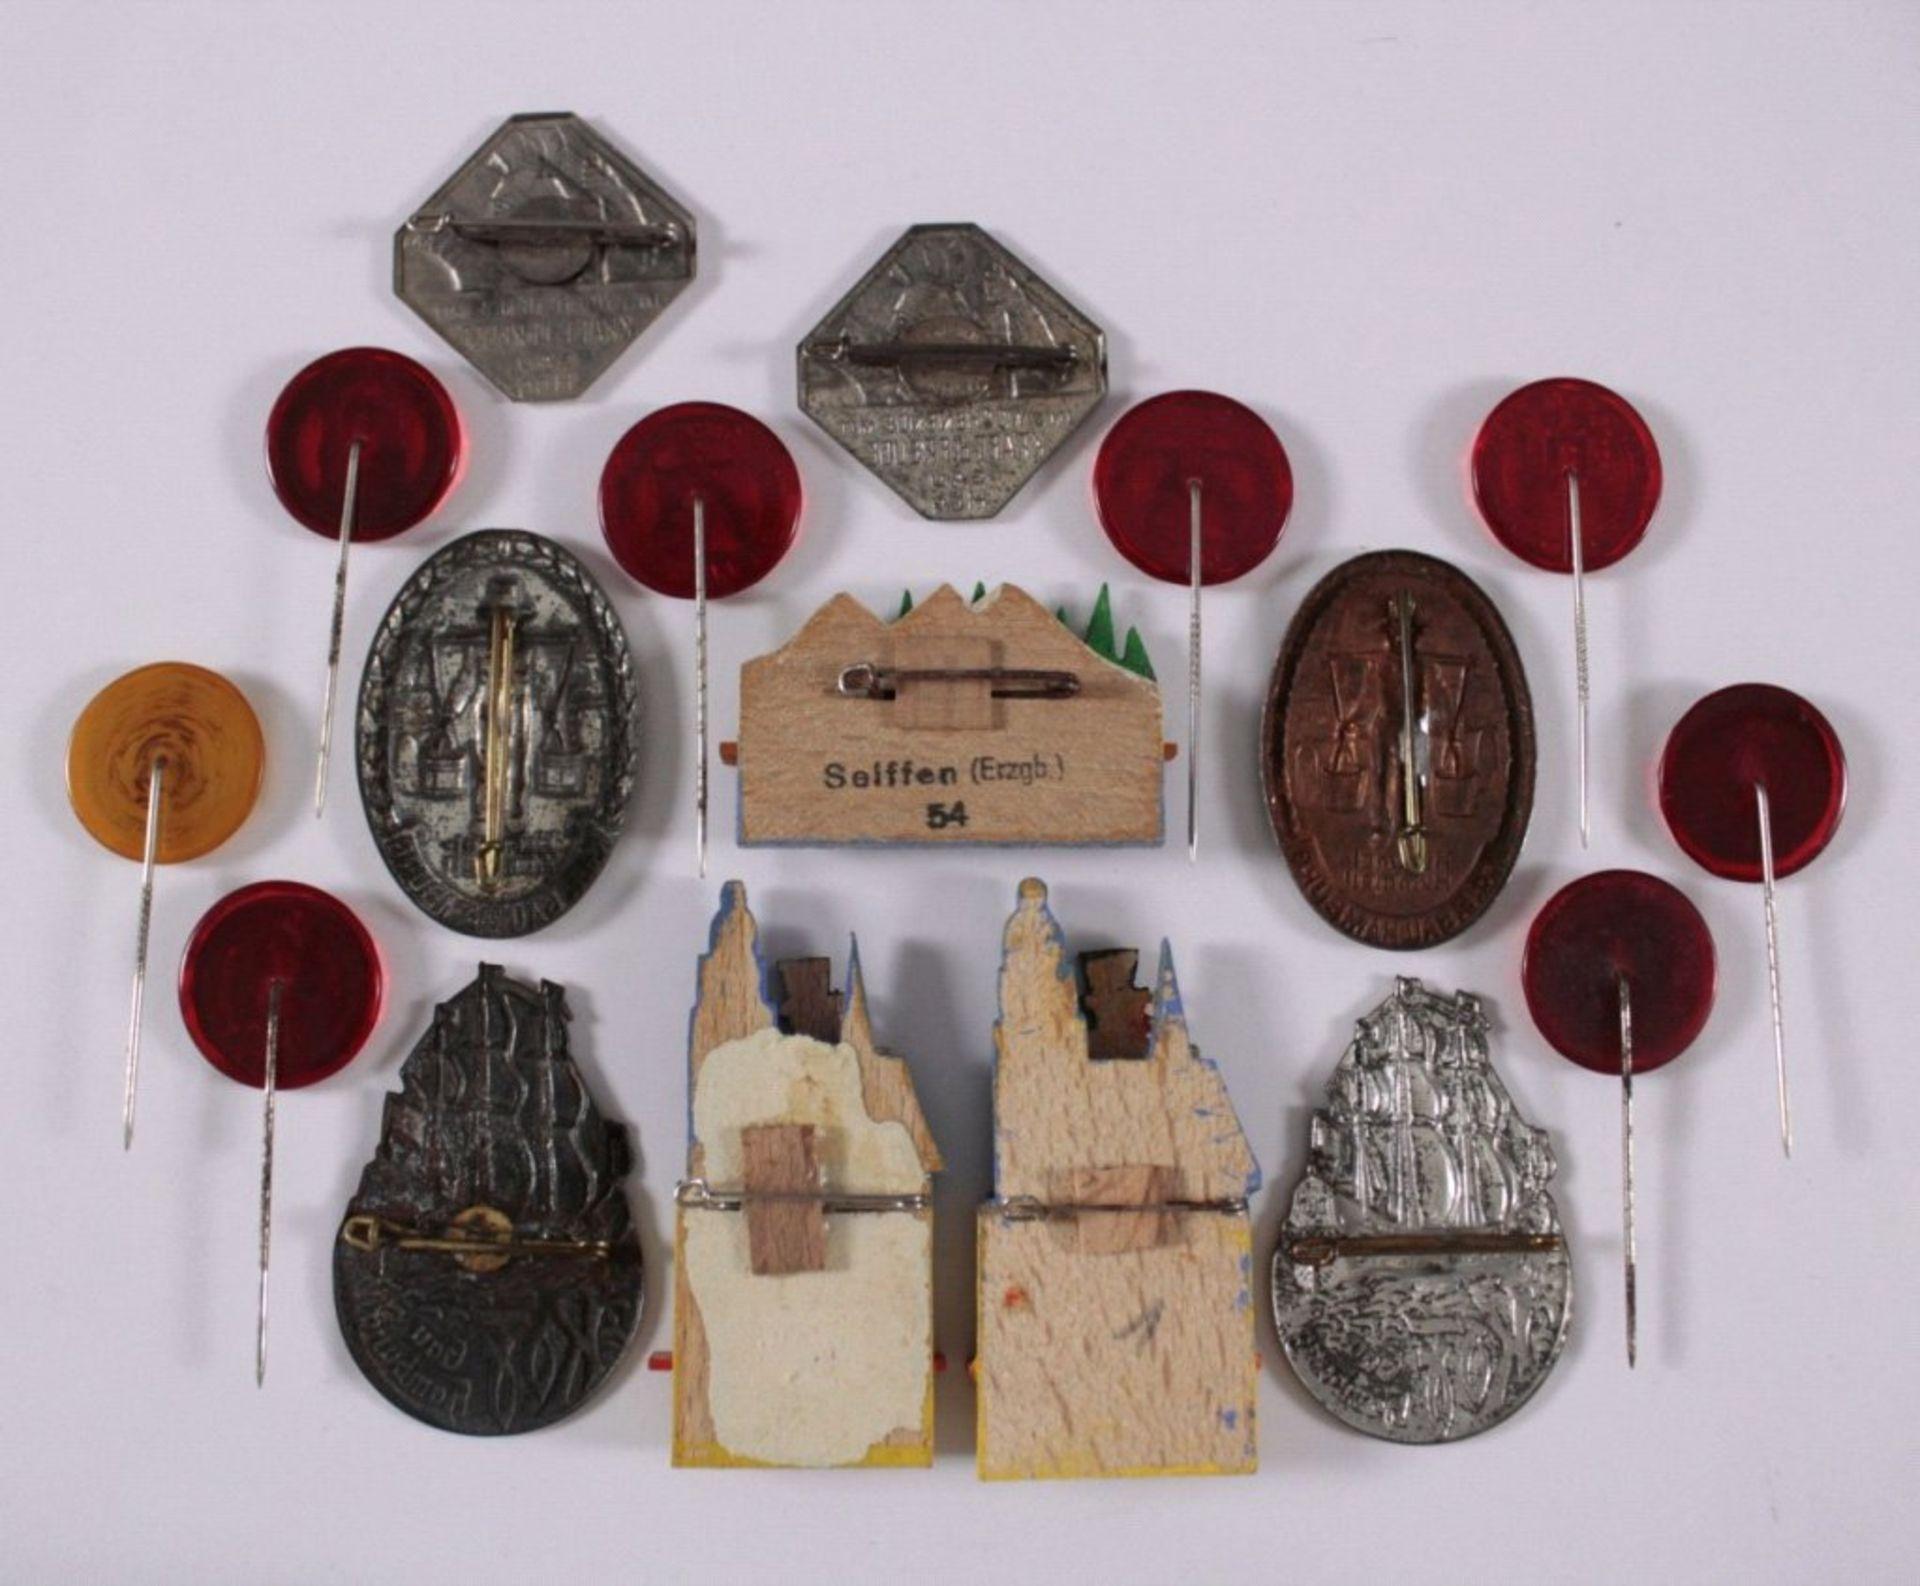 17 Abzeichen KdF Gau Hamburgunterschiedliche Materialien, wie Holz, Metall und Glas - Bild 2 aus 2